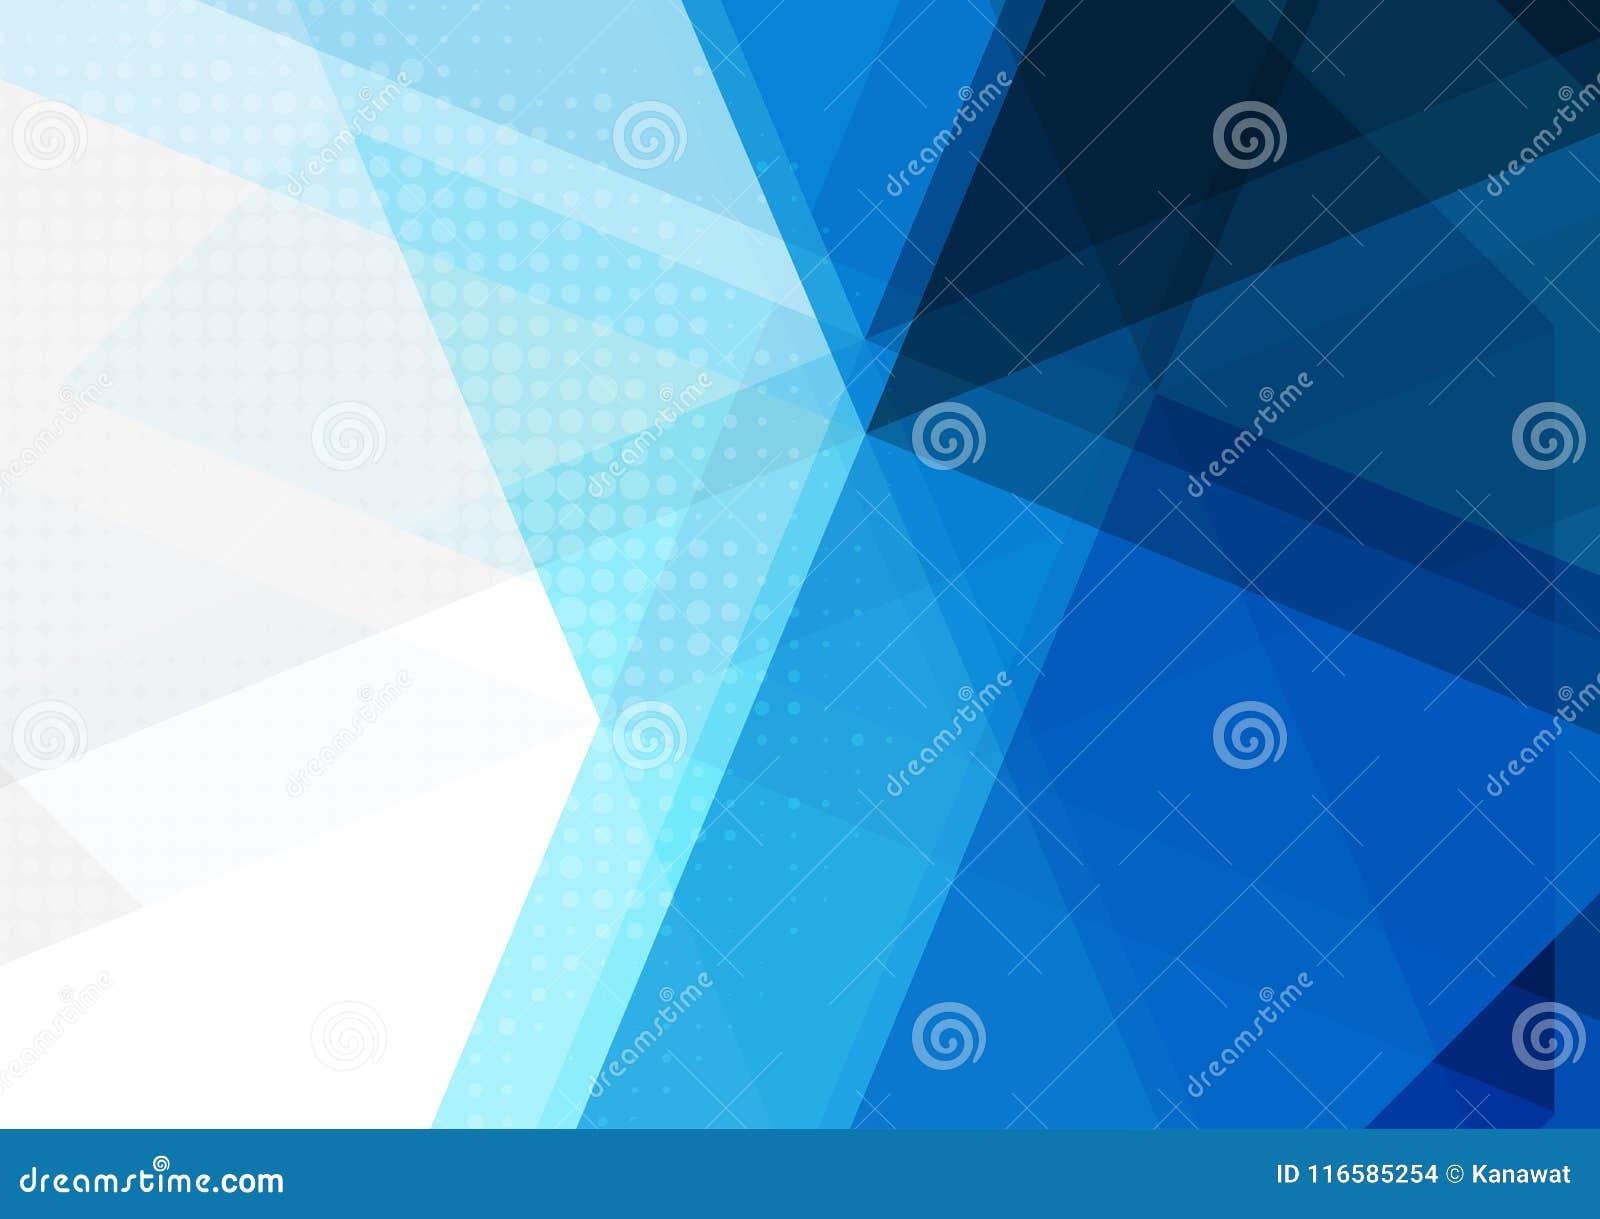 Fondo geométrico abstracto azul, ejemplo del vector